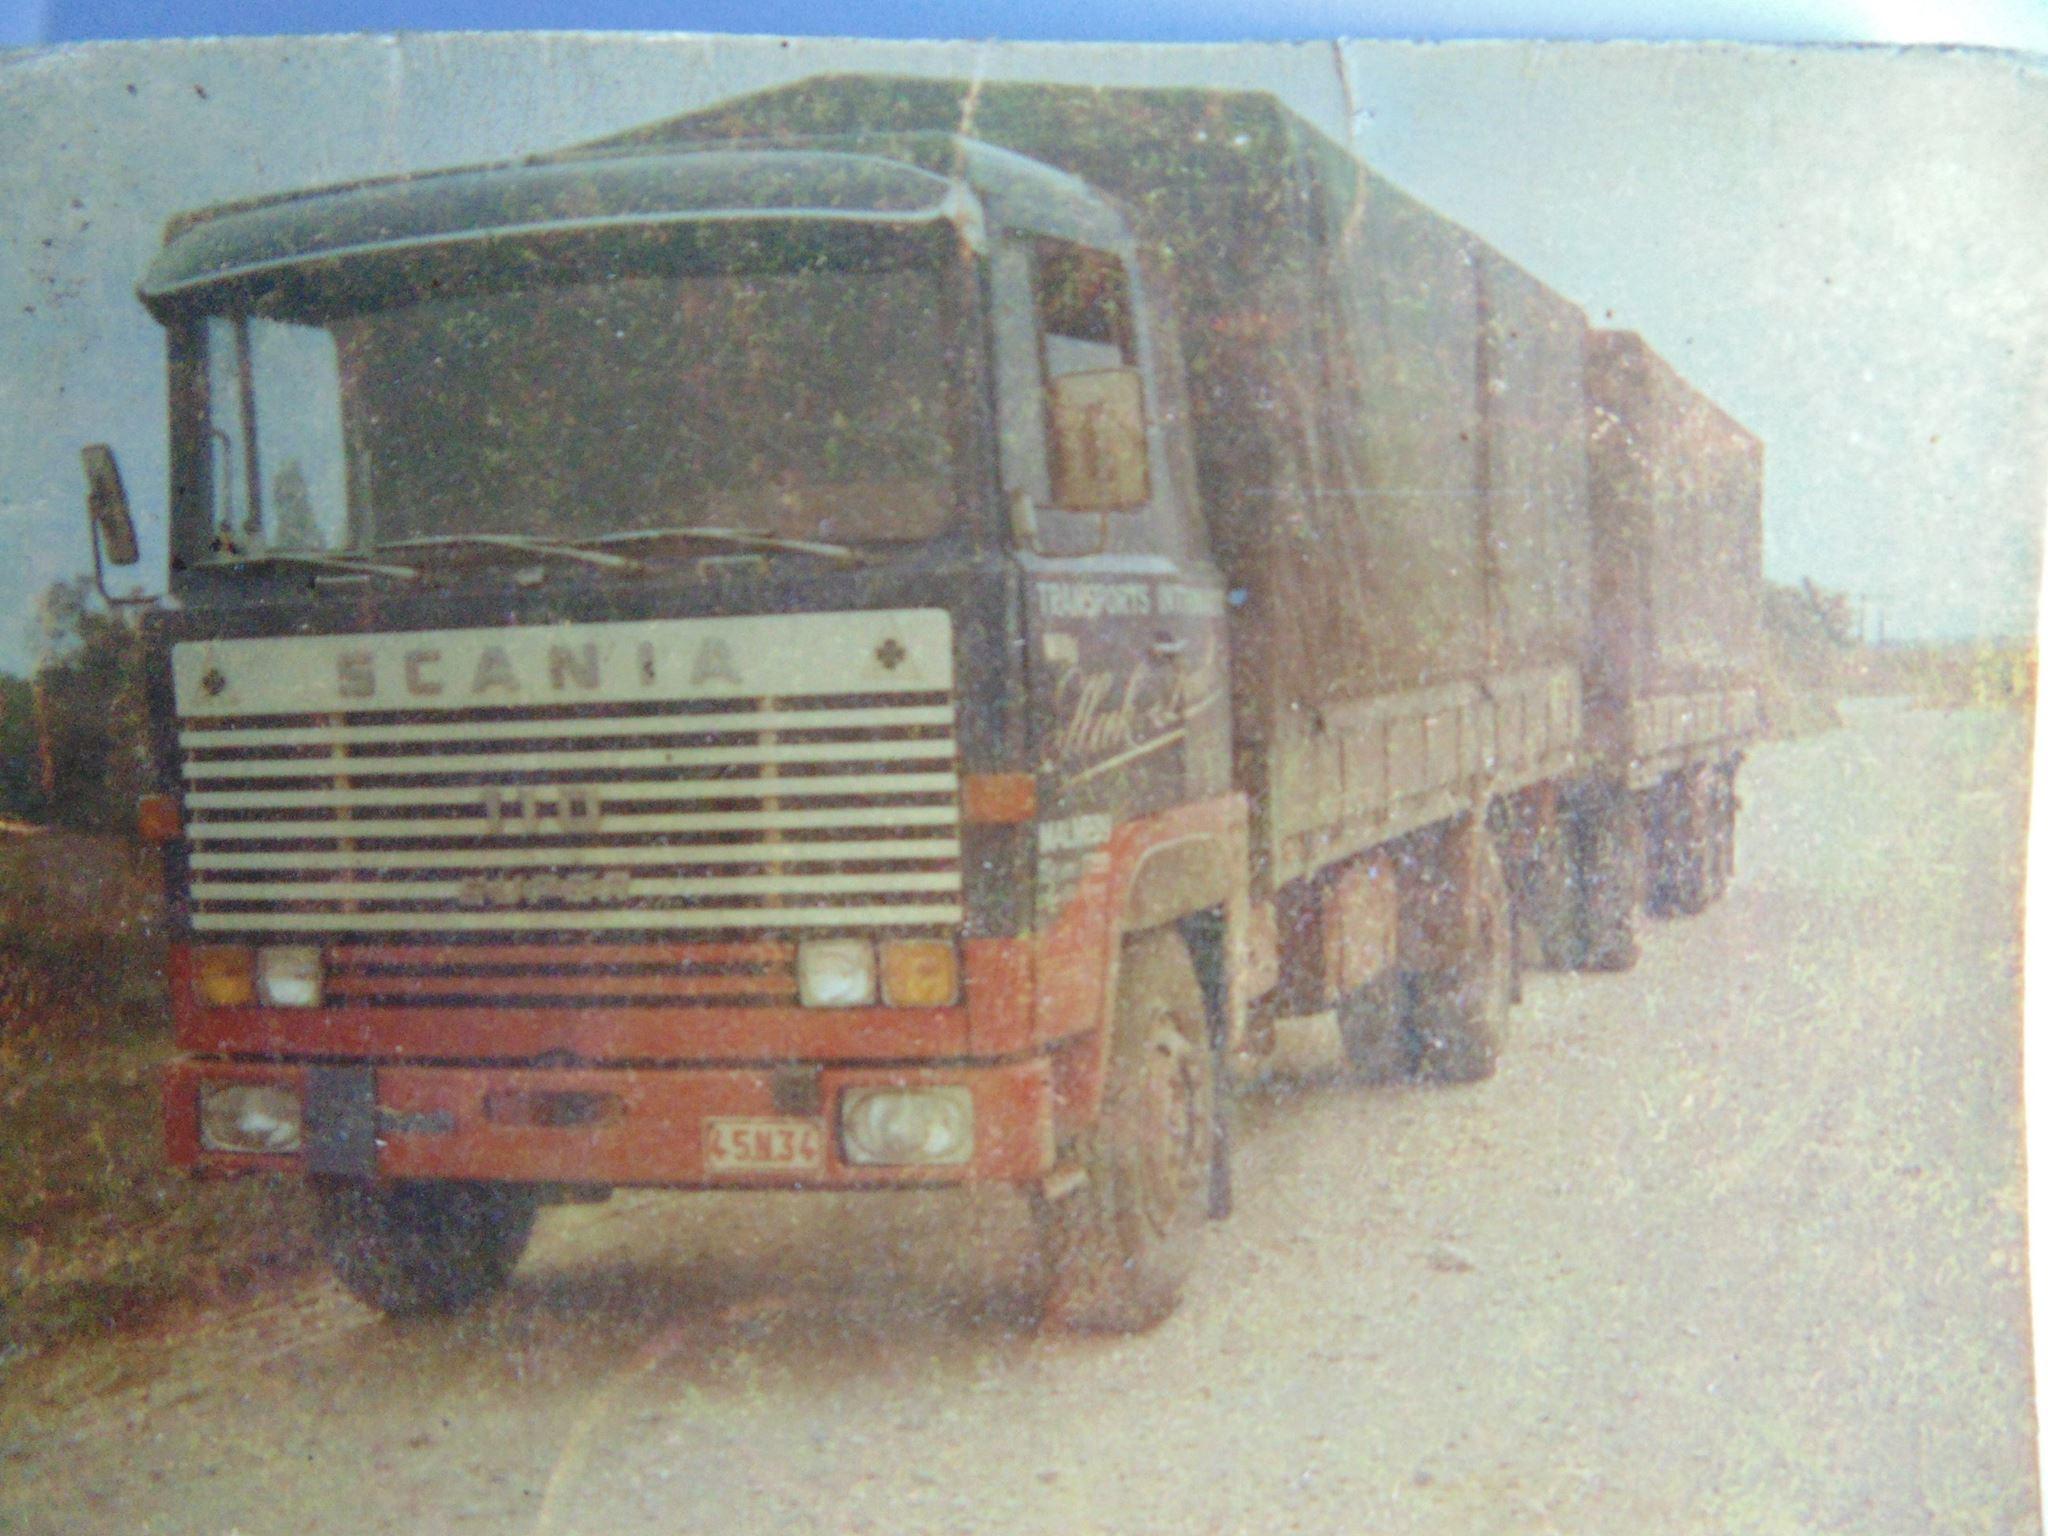 Willy-heck-lansival-malmedy--Jaar-70--ex-joegoslavie-op-een-spoor-van-80-km-van-belgrado